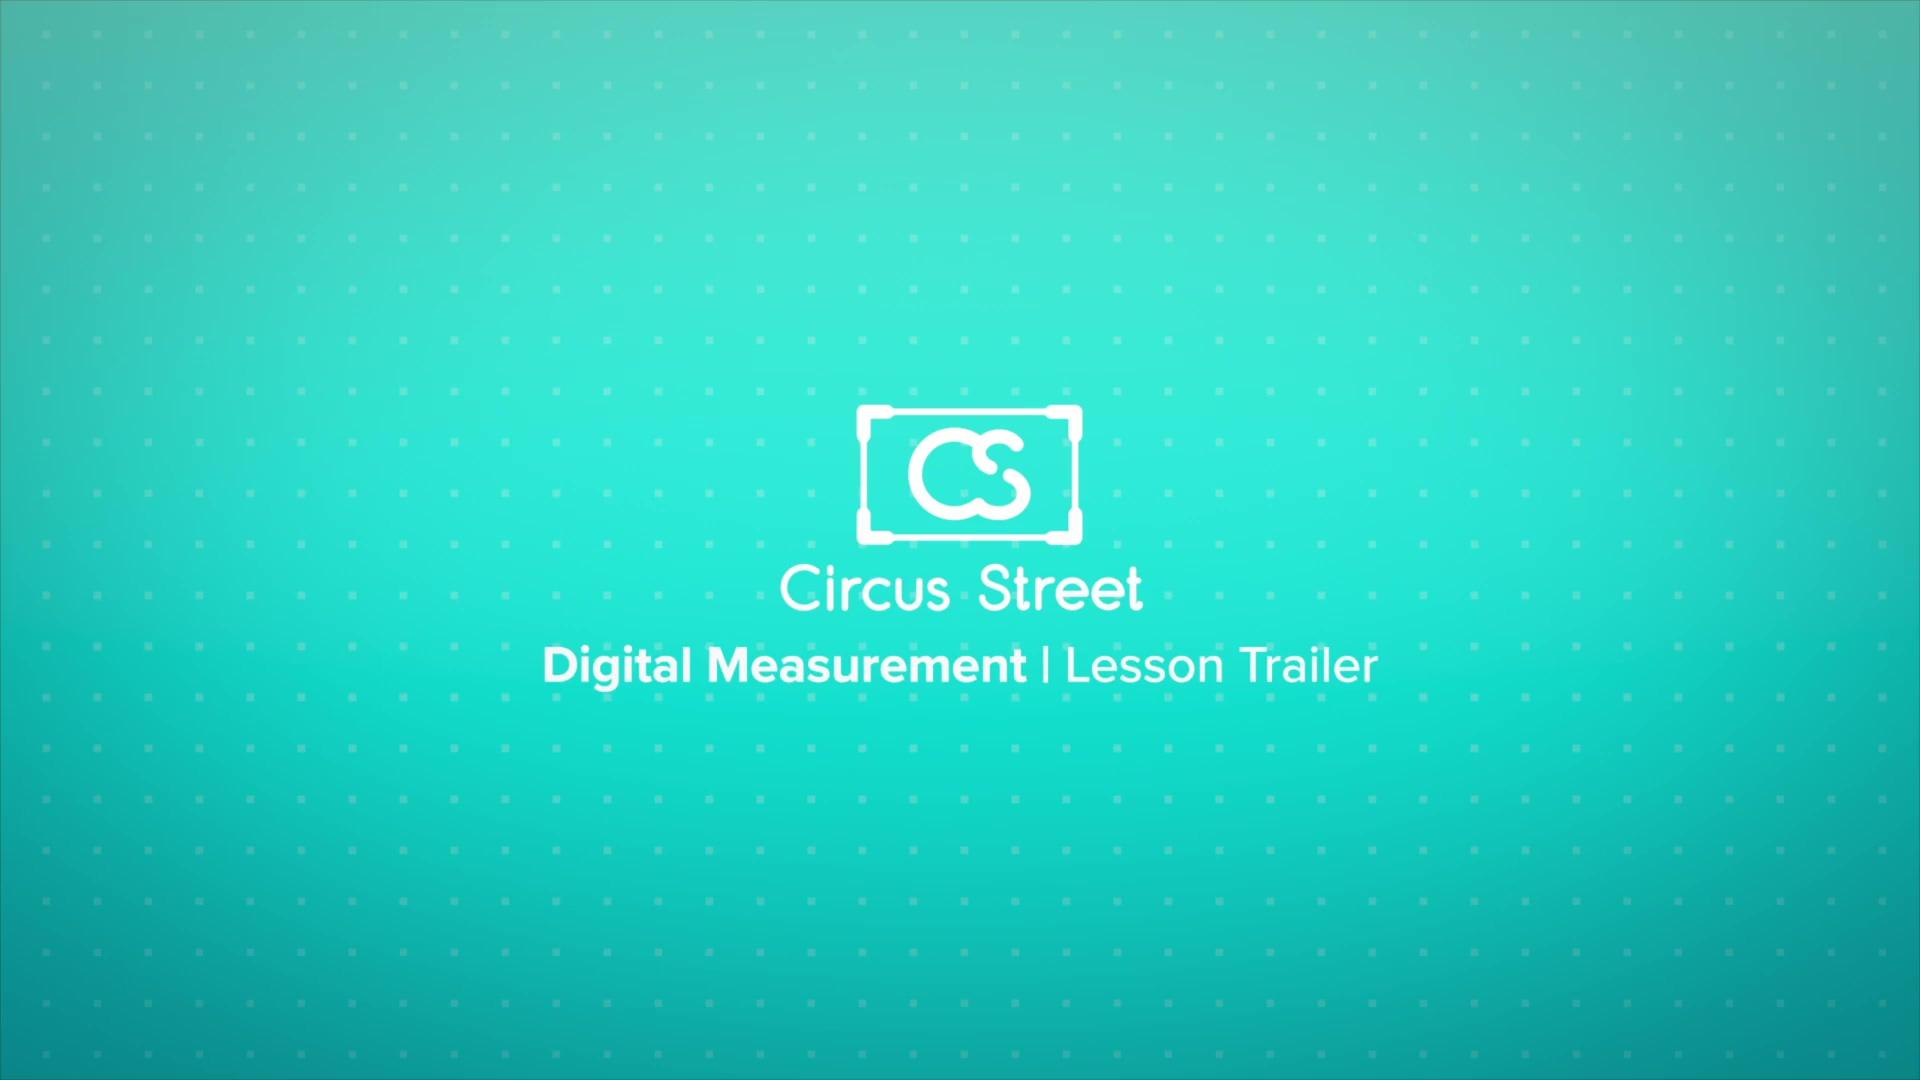 Digital Measurement Trailer